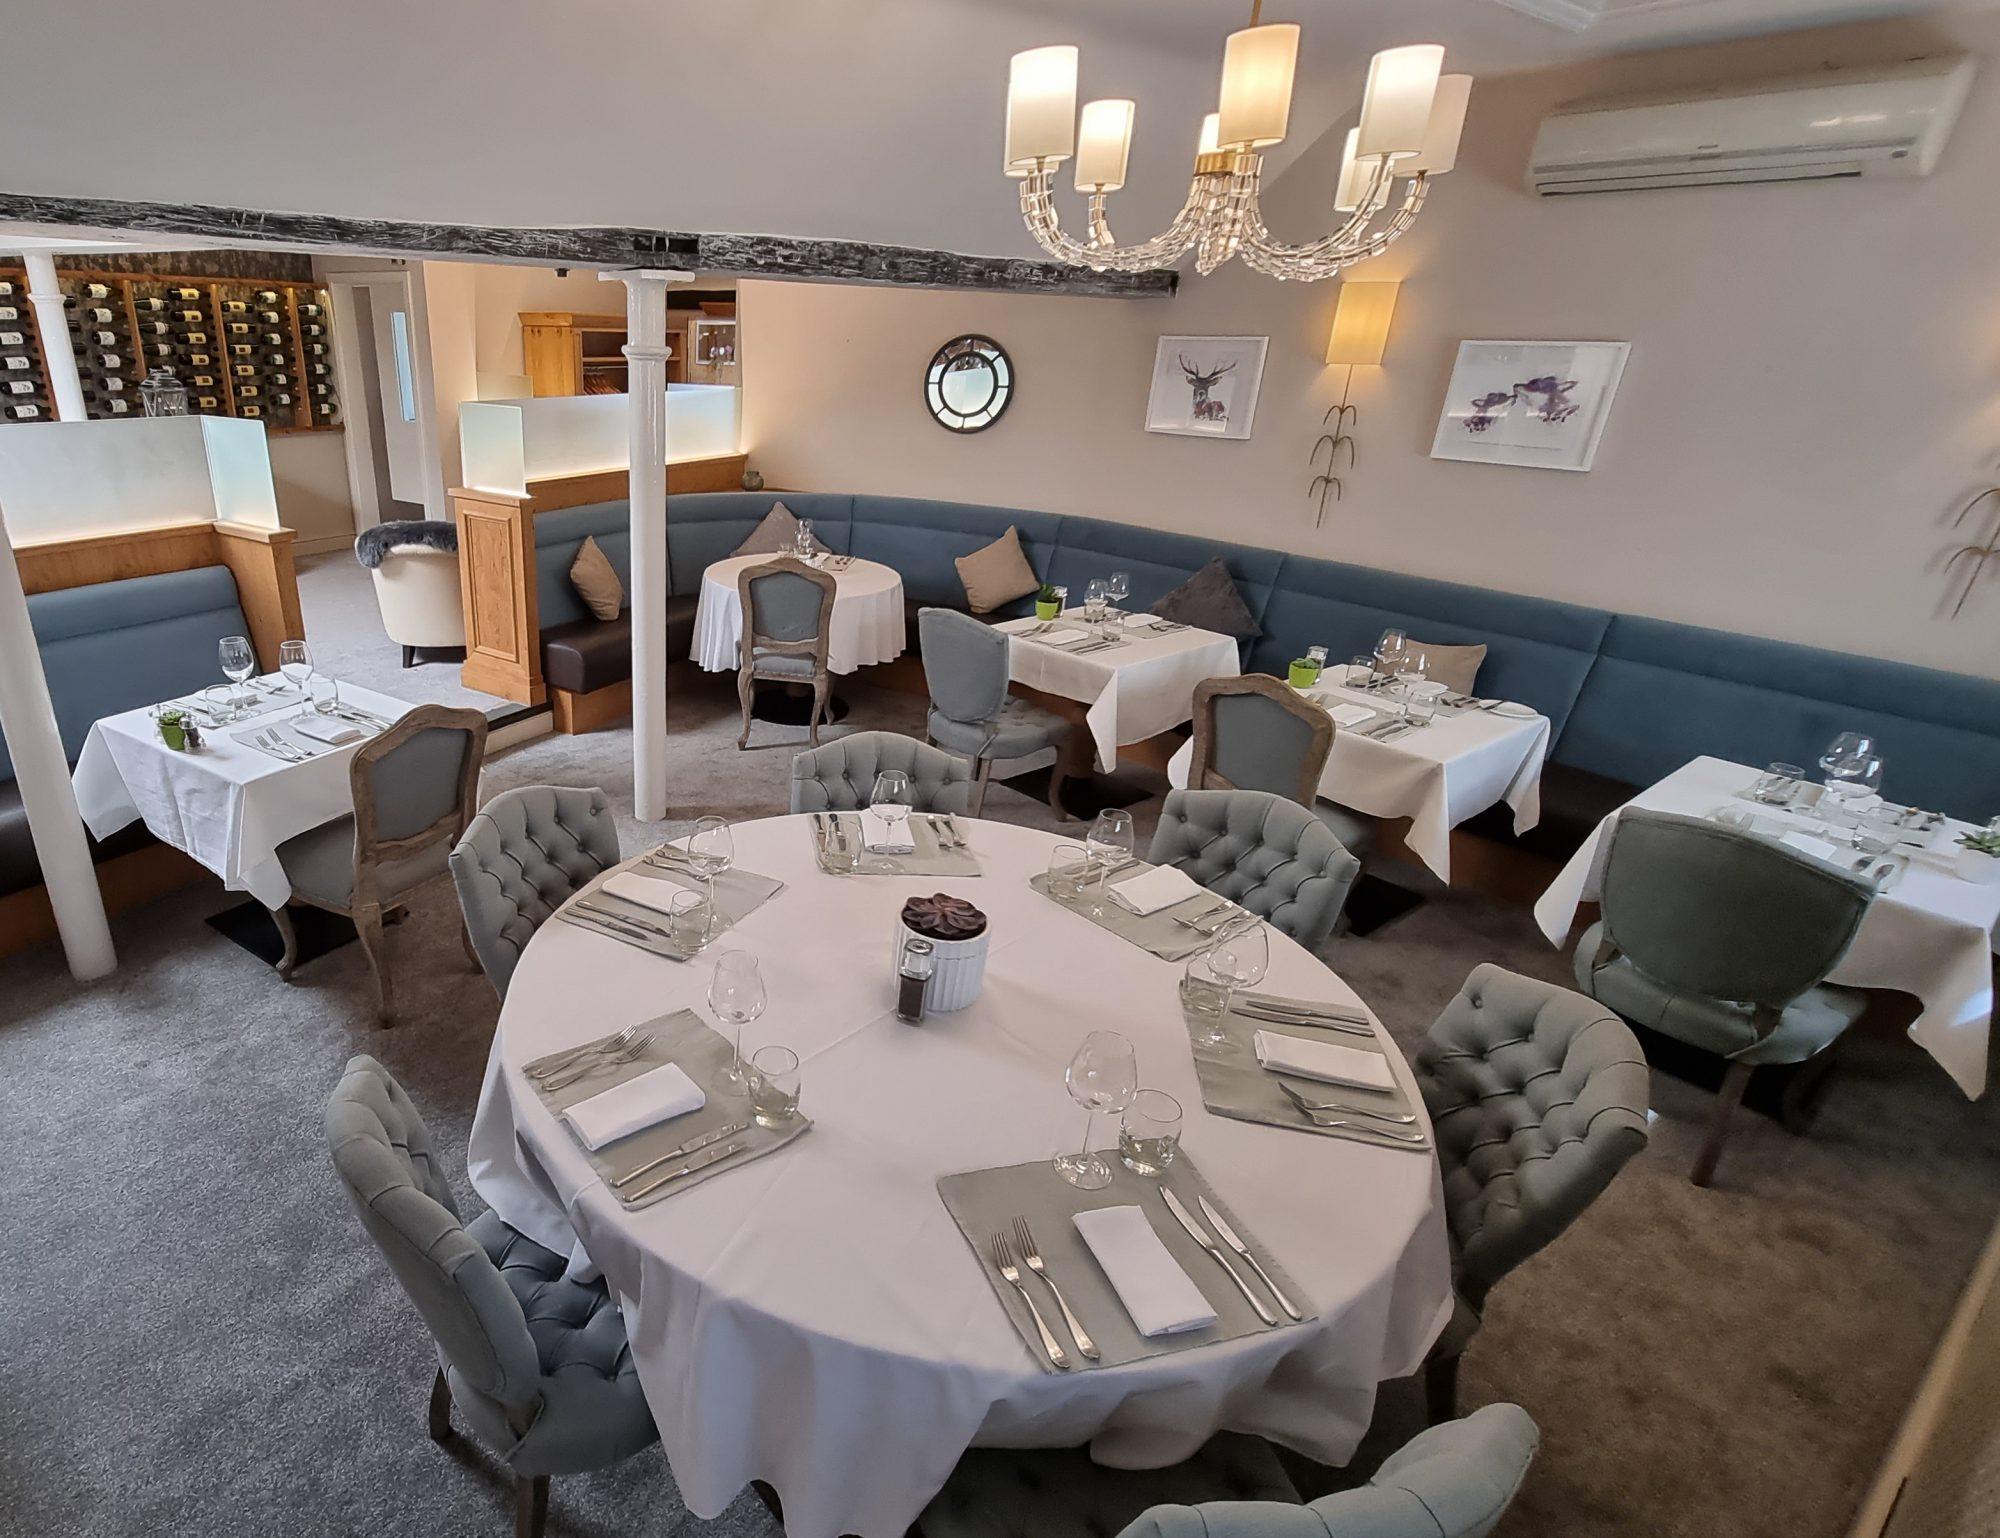 Hotel Restaurant Dining